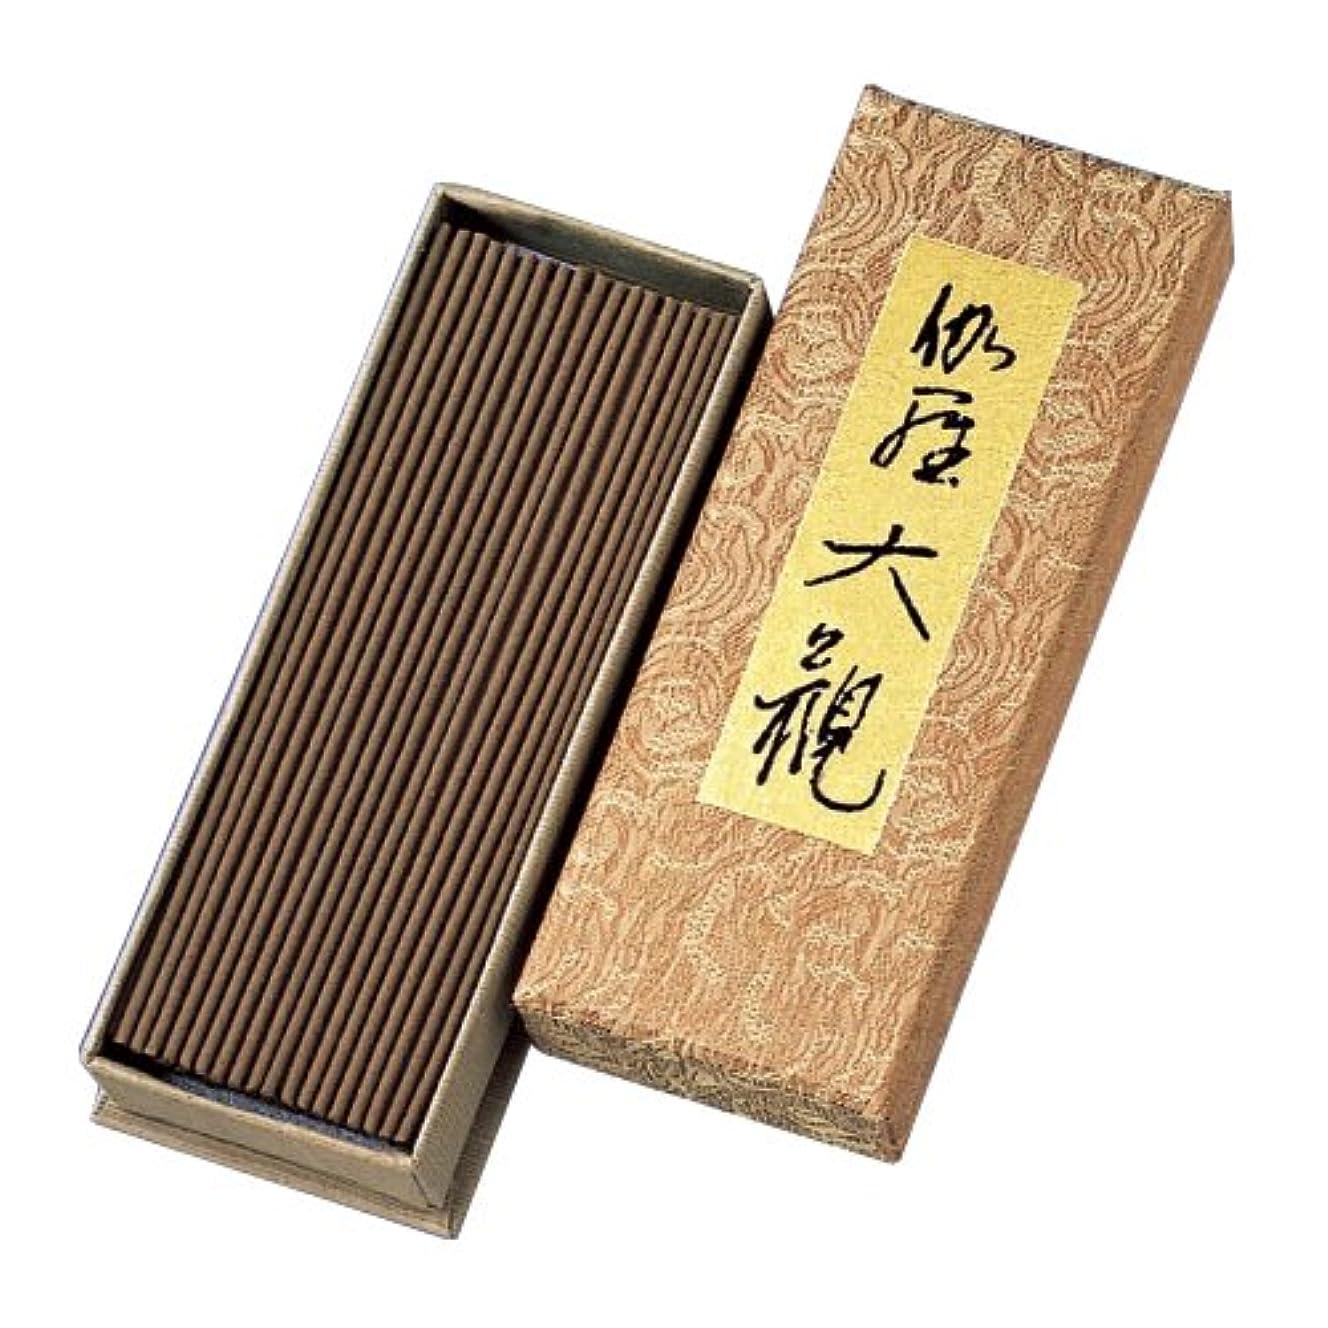 コショウバドミントン裏切るNippon Kodo – Kyara Taikan – プレミアムAloeswood Incense 150 sticks